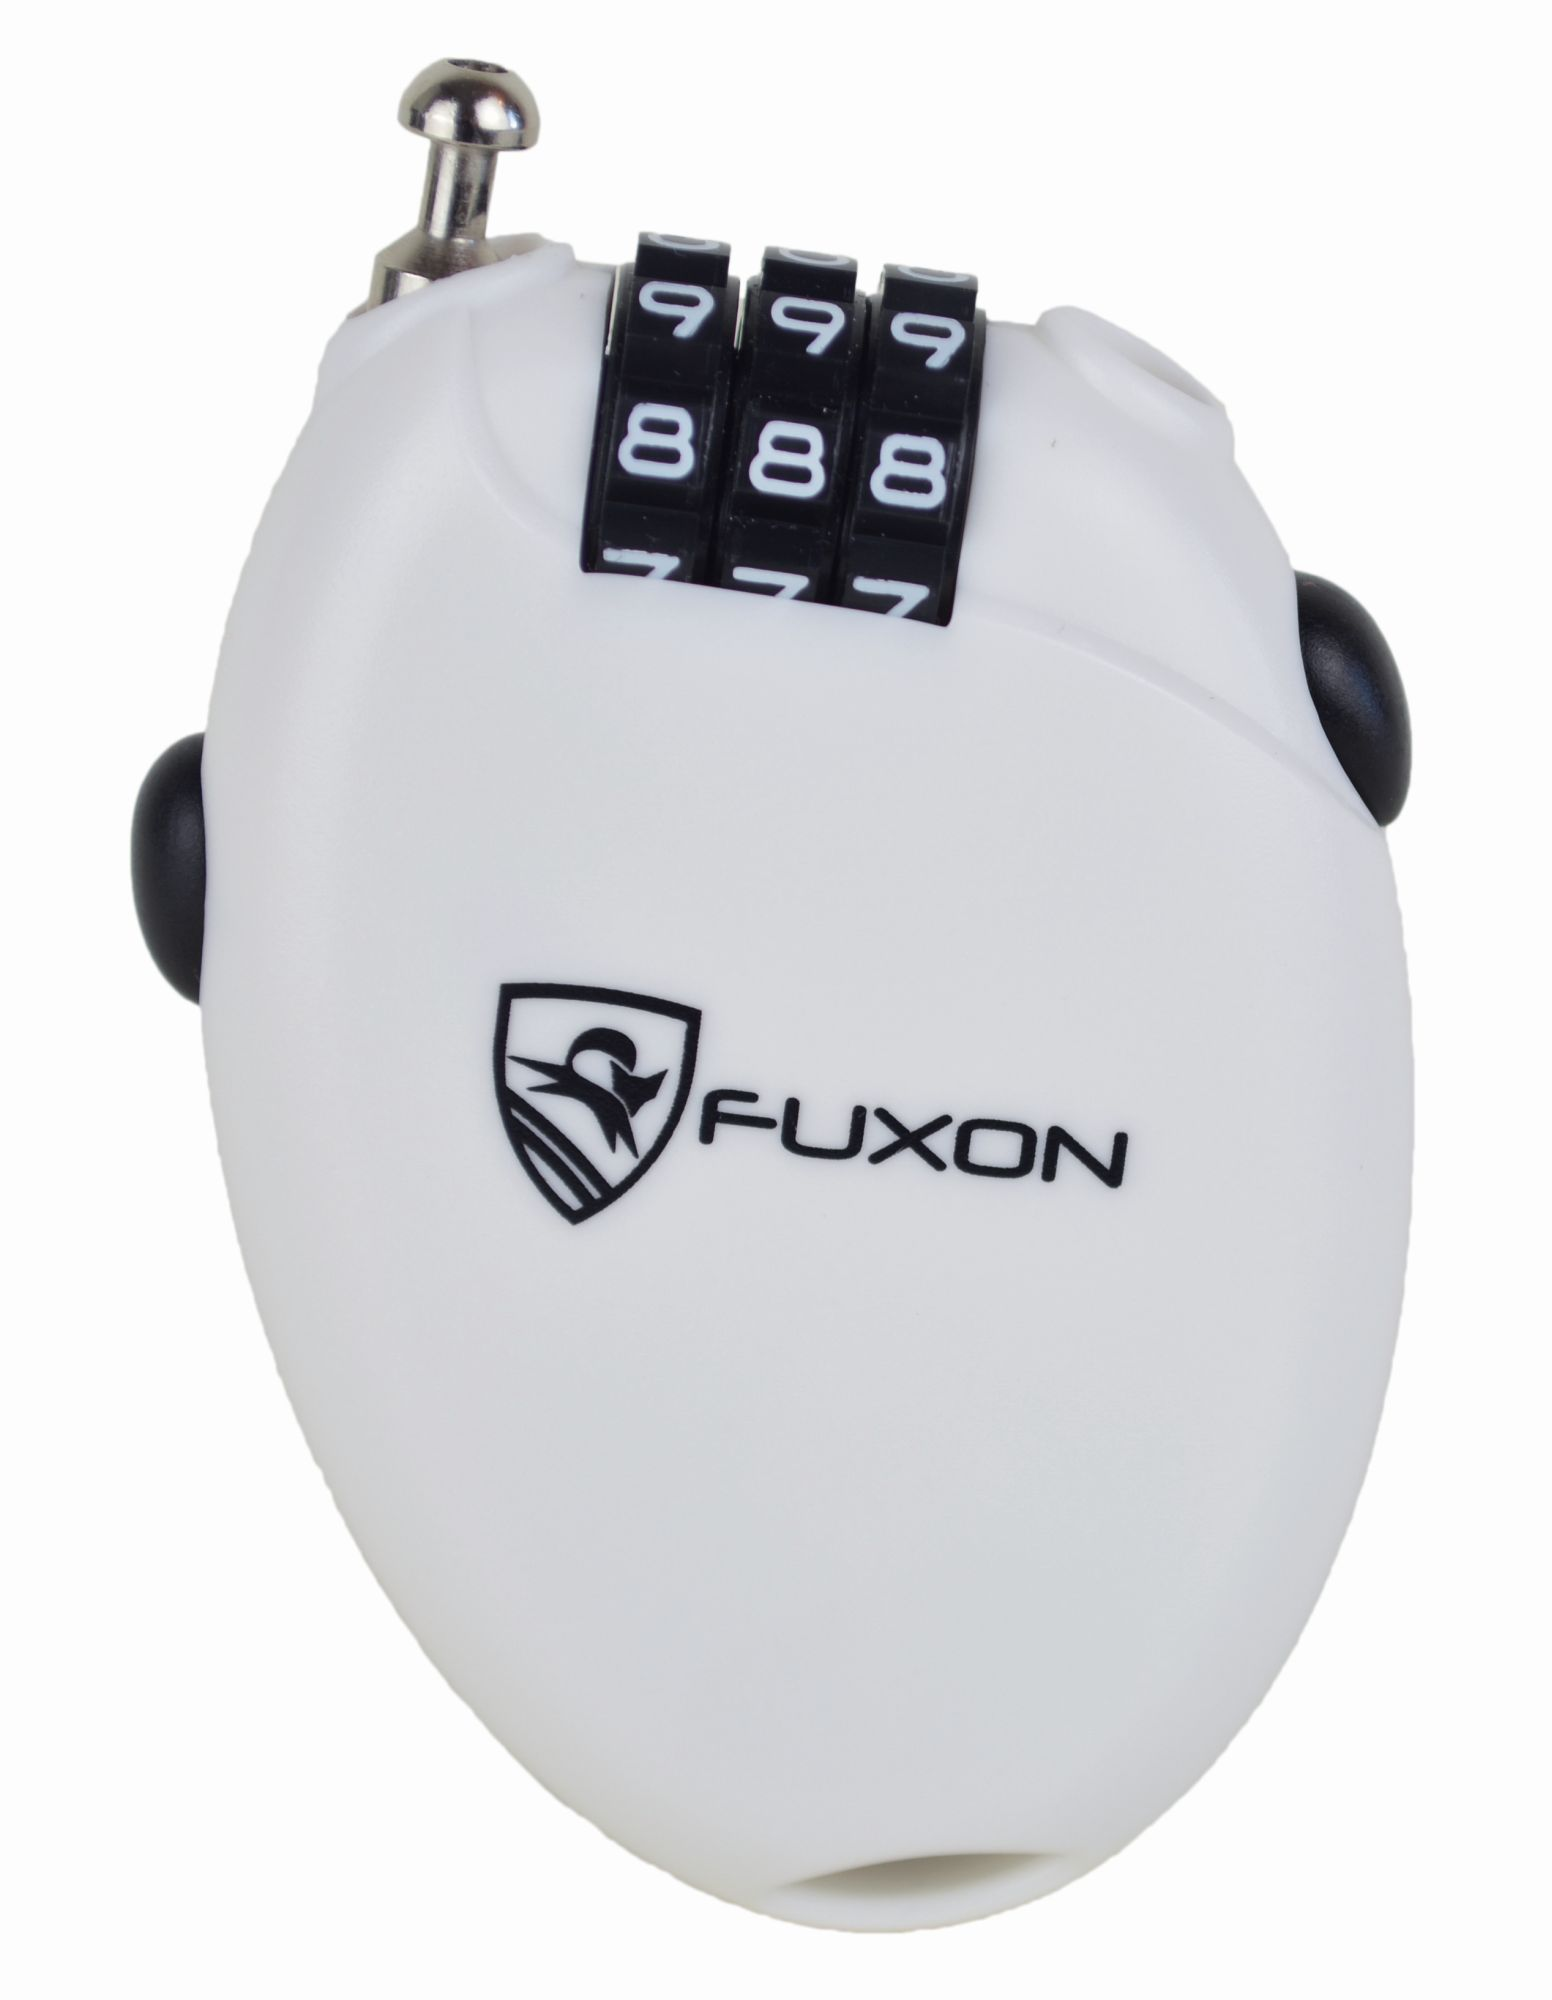 Fuxon Kabelschloss Mini Lock (weiß)